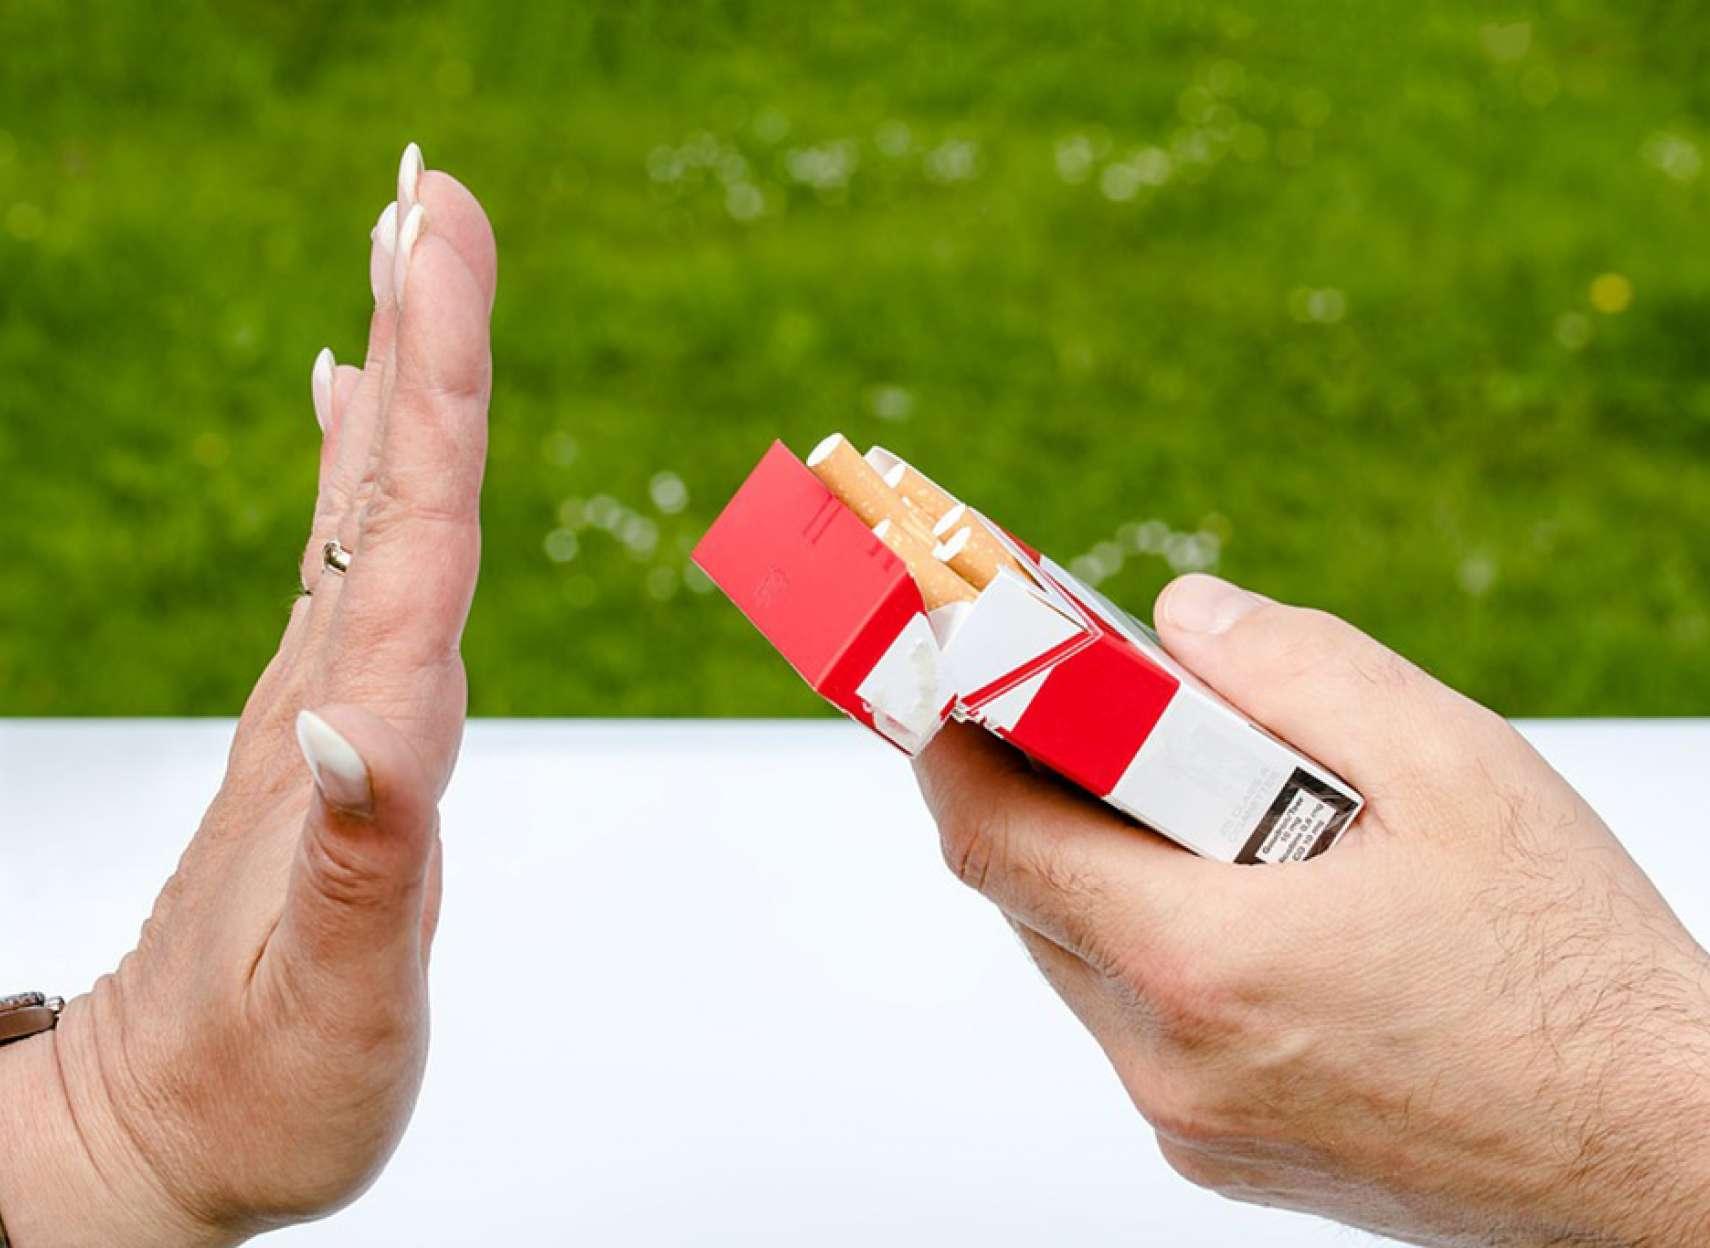 تبلیغ-ترویج-حمایت-از-دخانیات-ممنوع-رحیمیان-بیمه